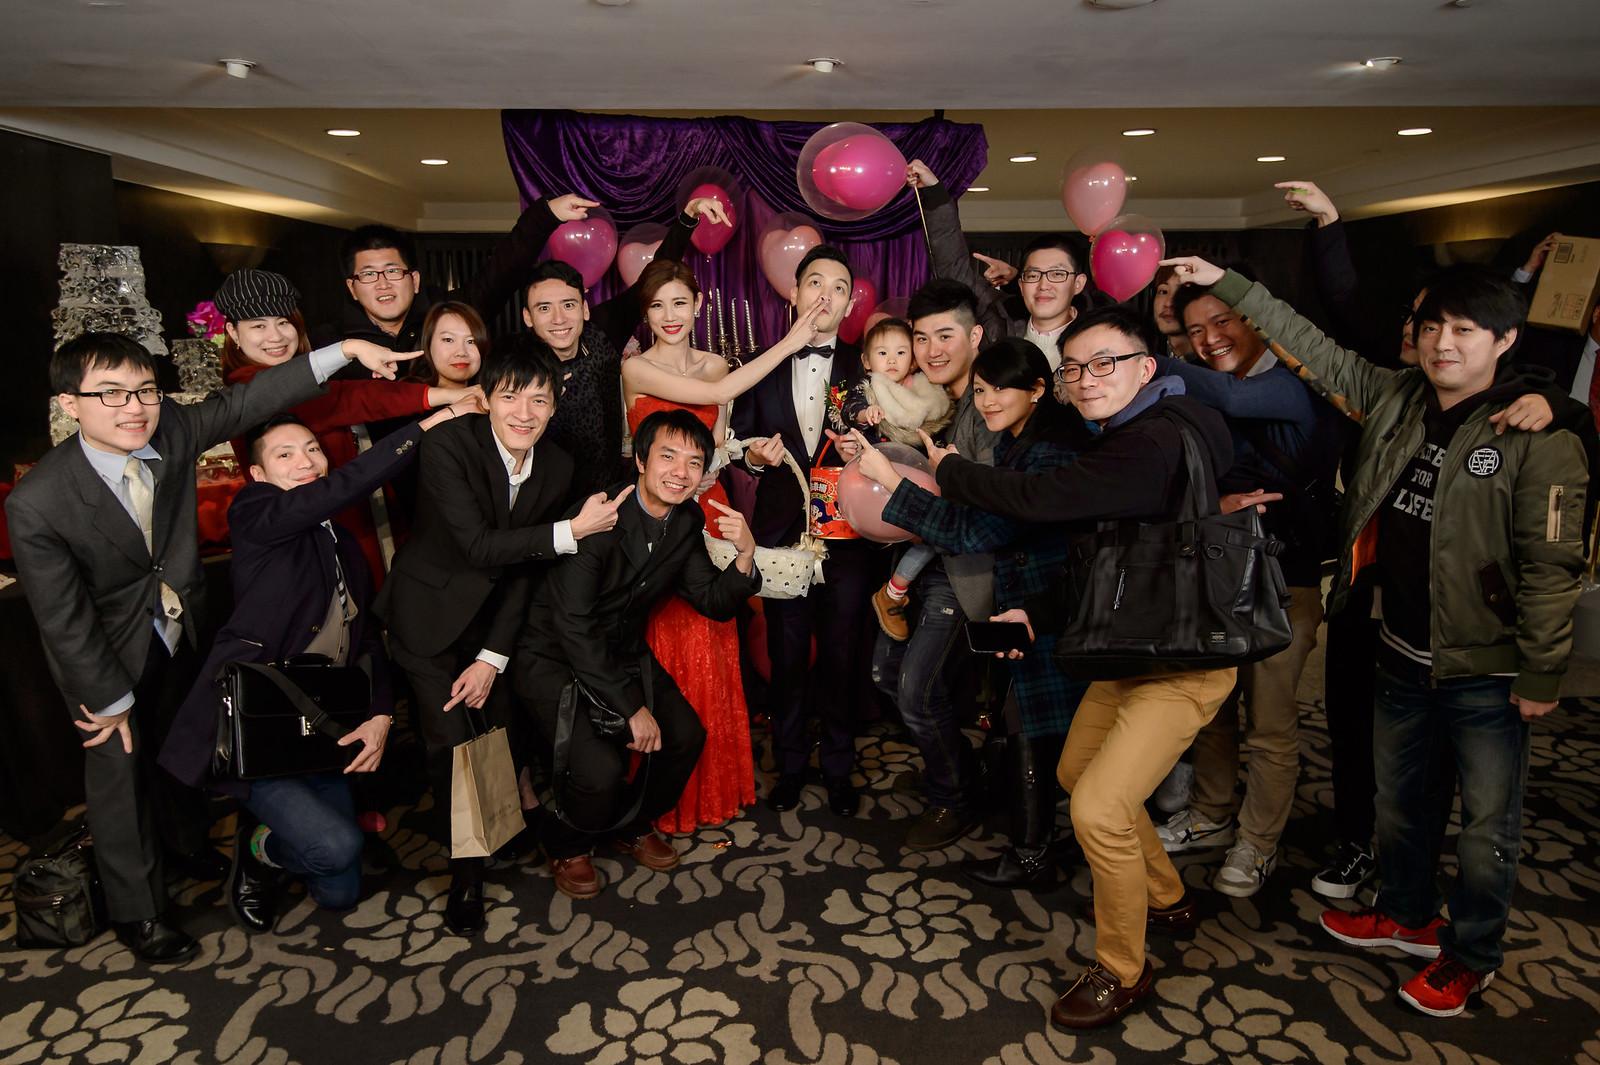 台北婚攝, 婚禮攝影, 婚攝, 婚攝守恆, 婚攝推薦, 晶華酒店, 晶華酒店婚宴, 晶華酒店婚攝-105